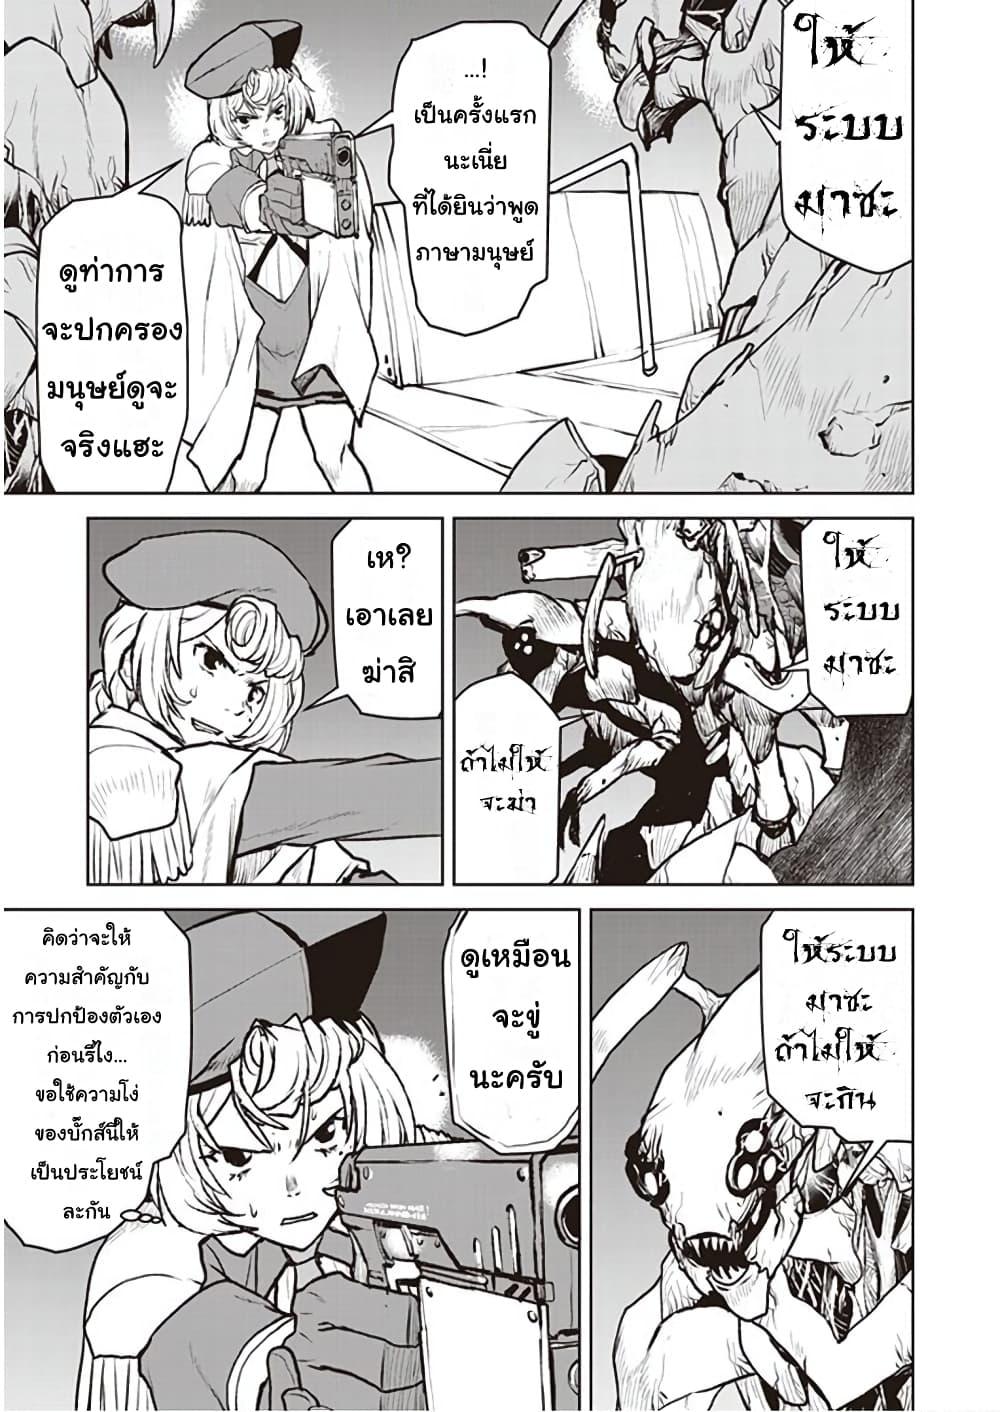 อ่านการ์ตูน The Galactic Navy Officer Becomes an Adventurer ตอนที่ 5 หน้าที่ 15